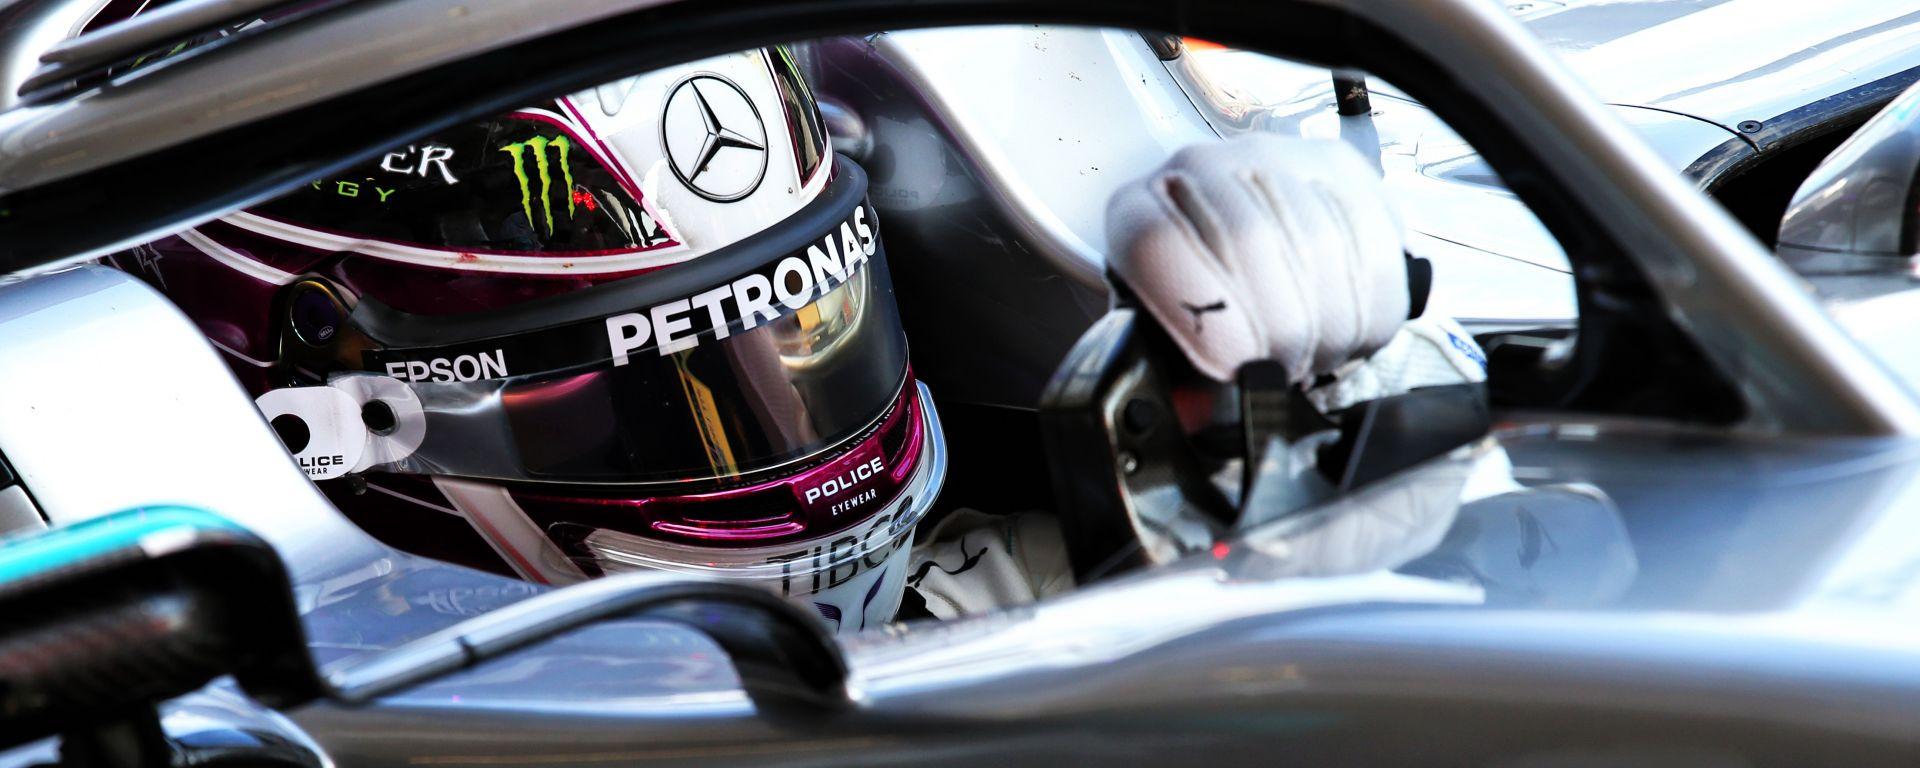 Mercedes: volante mobile per regolare la convergenza delle ruote!